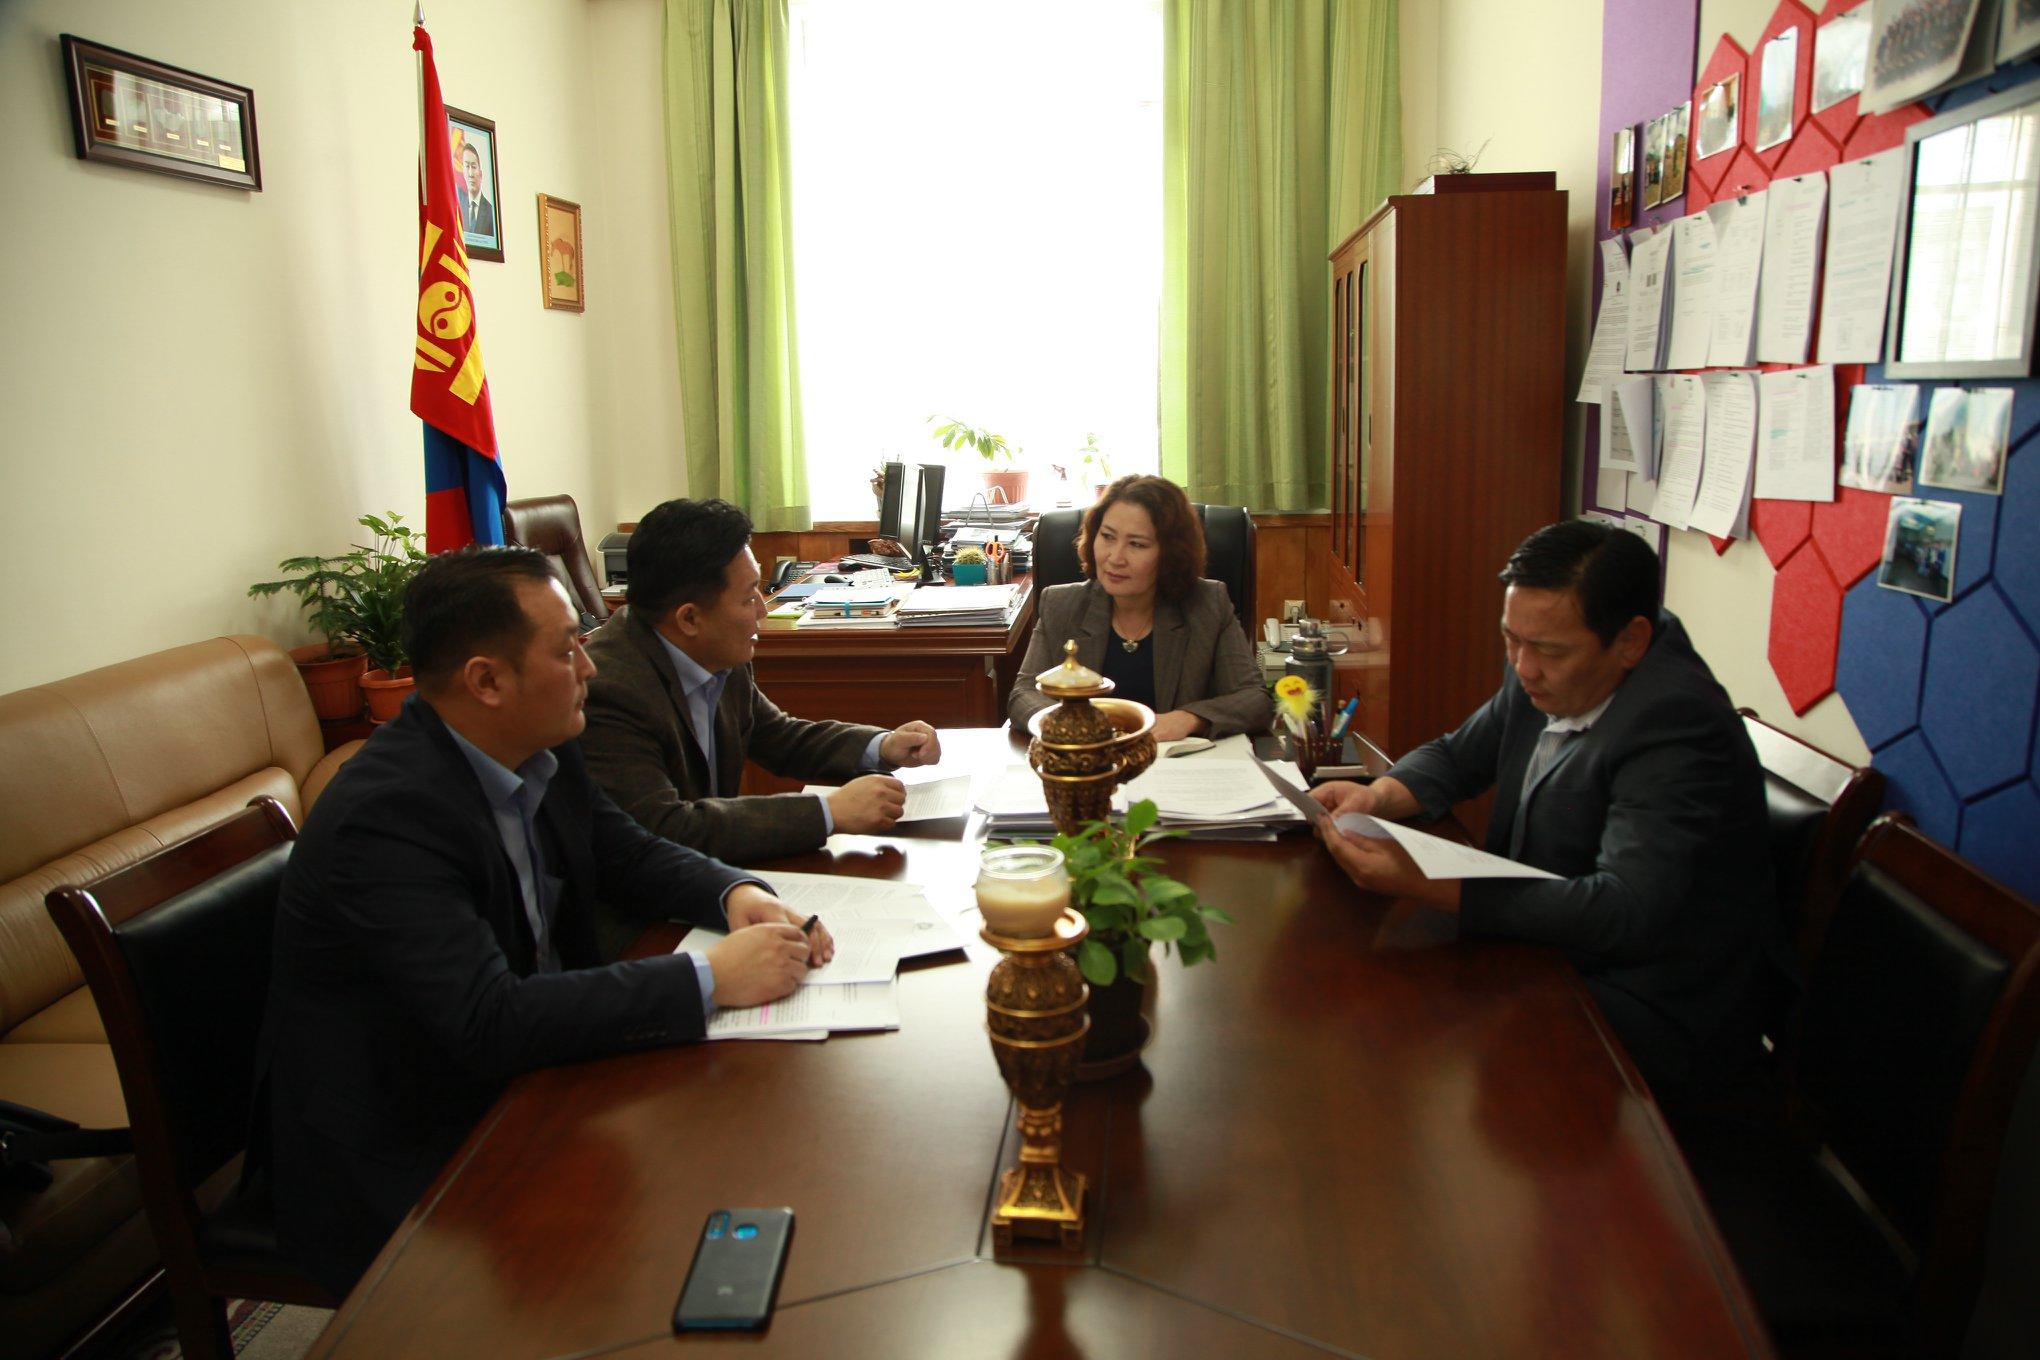 Монгол улсын Ерөнхийлөгчийн тамгын газраас МҮЭ-ийн холбооны удирдлагуудыг хүлээн авч уулзлаа